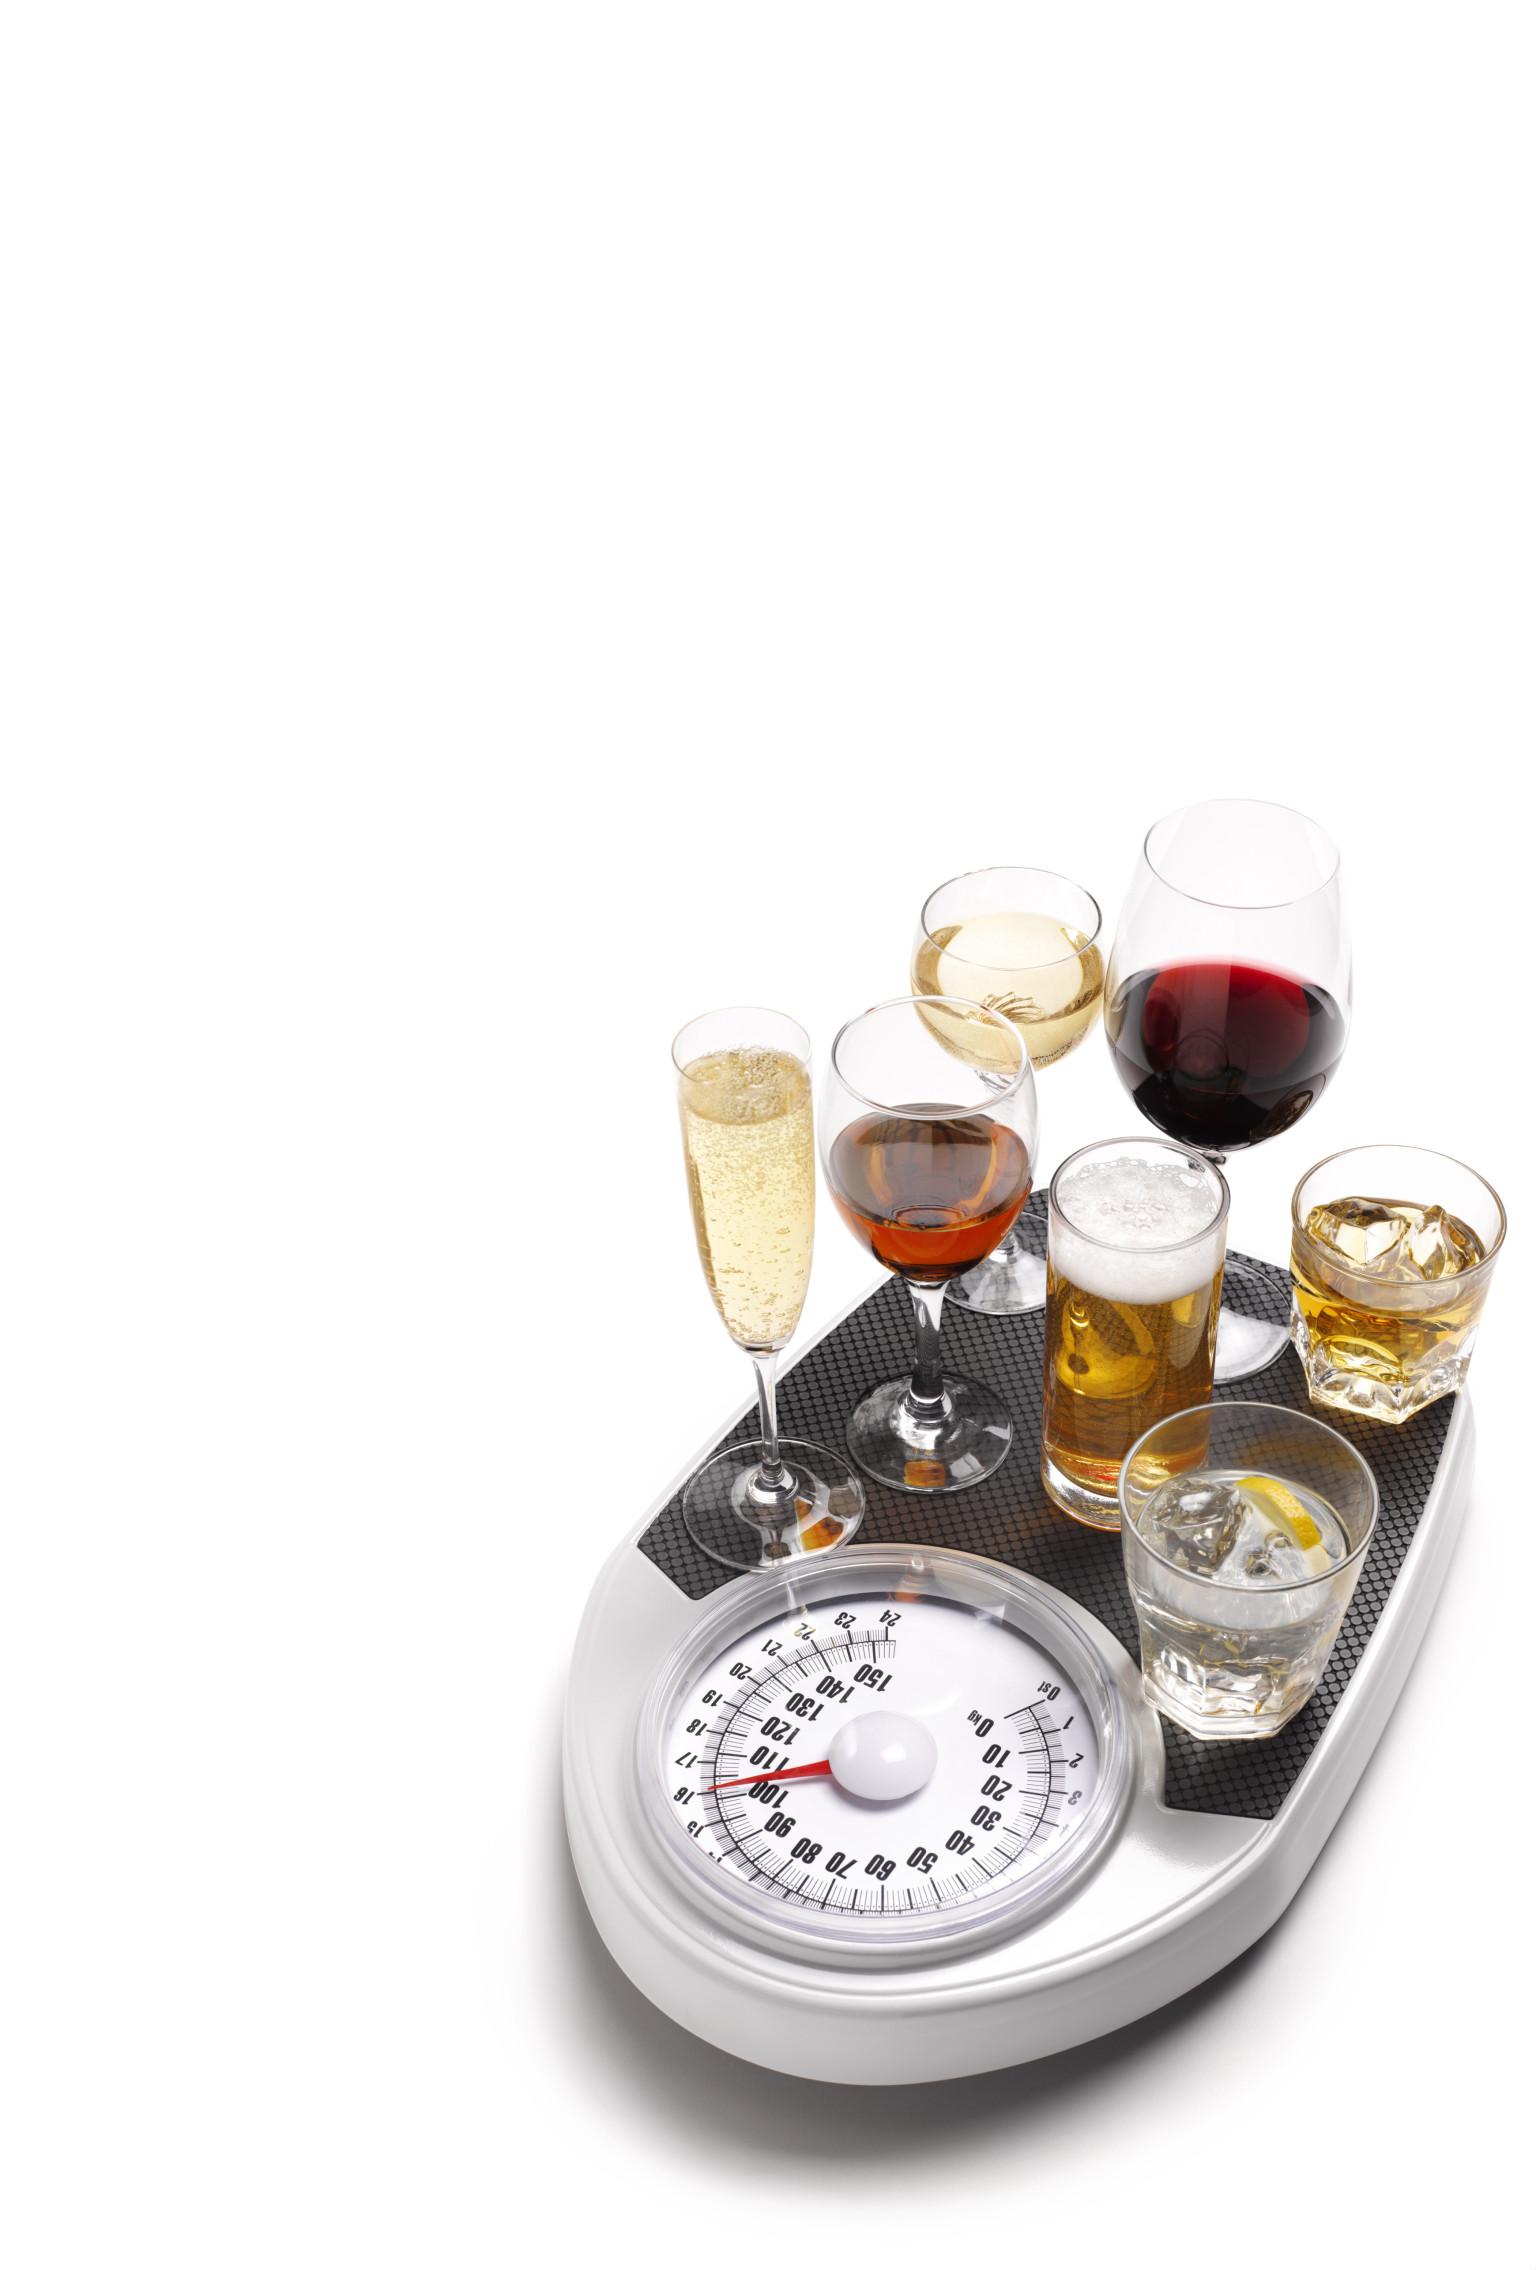 El alcohol y la pérdida de peso - HuffPost